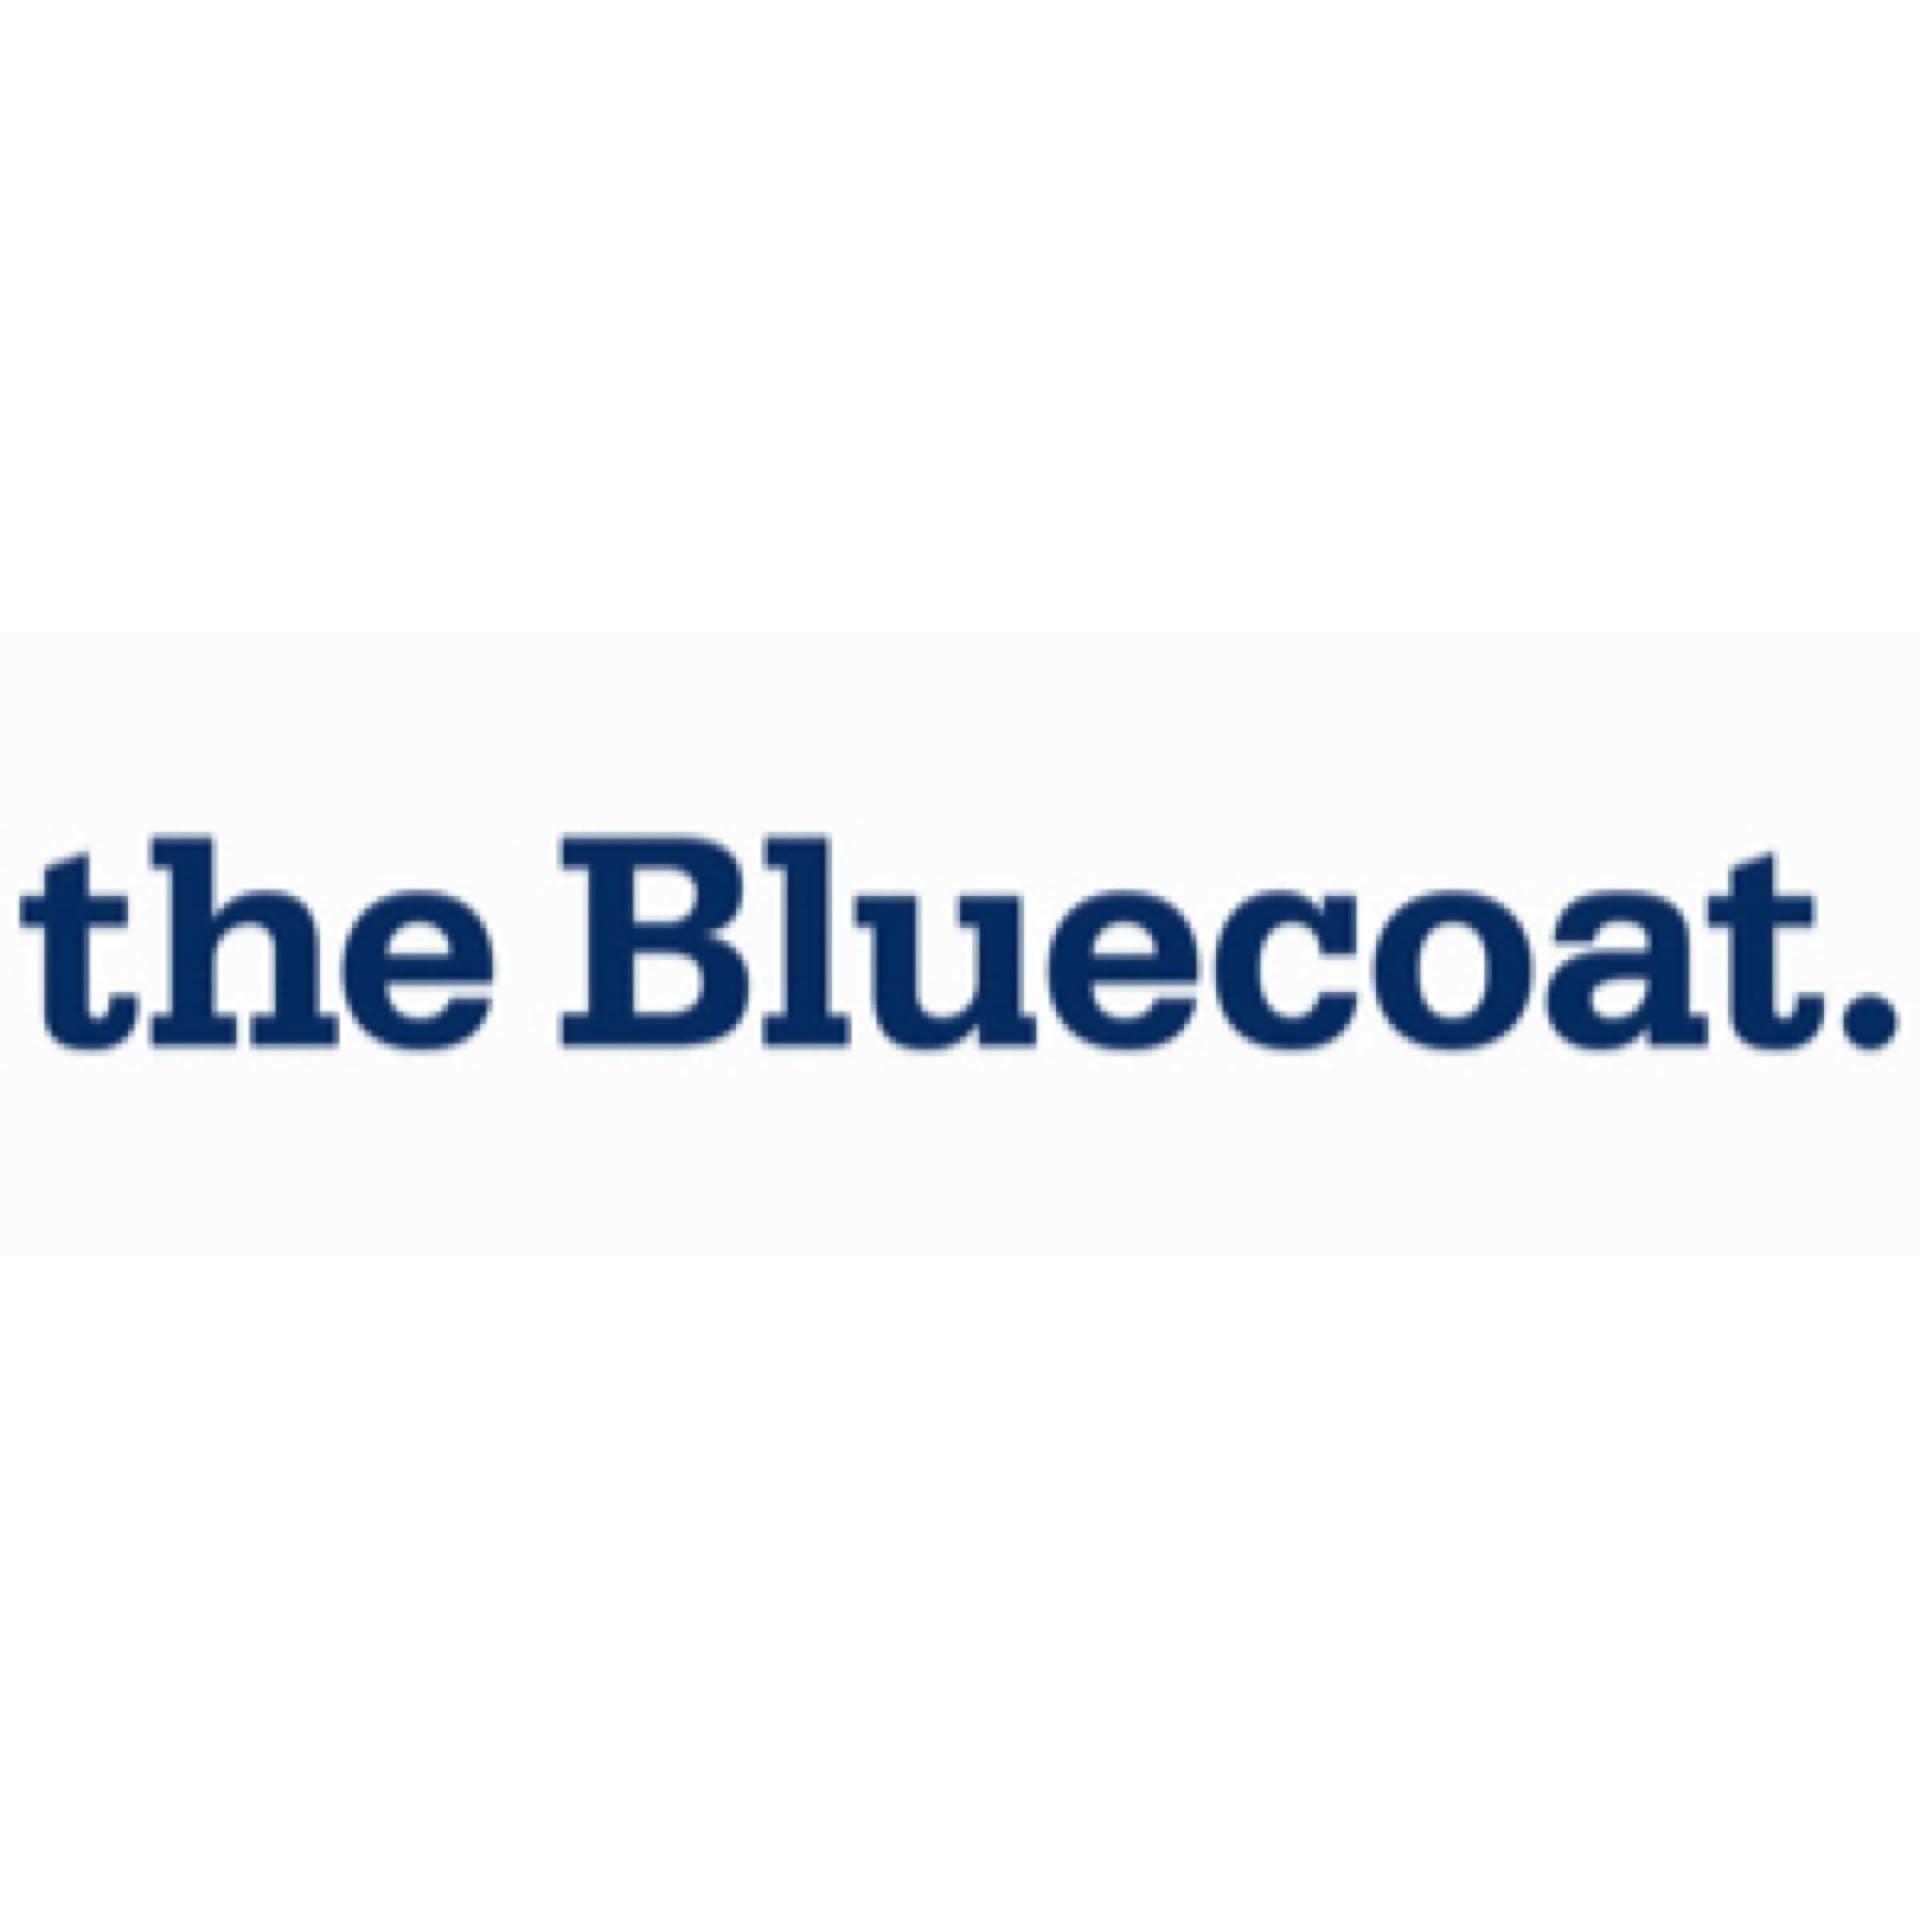 The Bluecoat